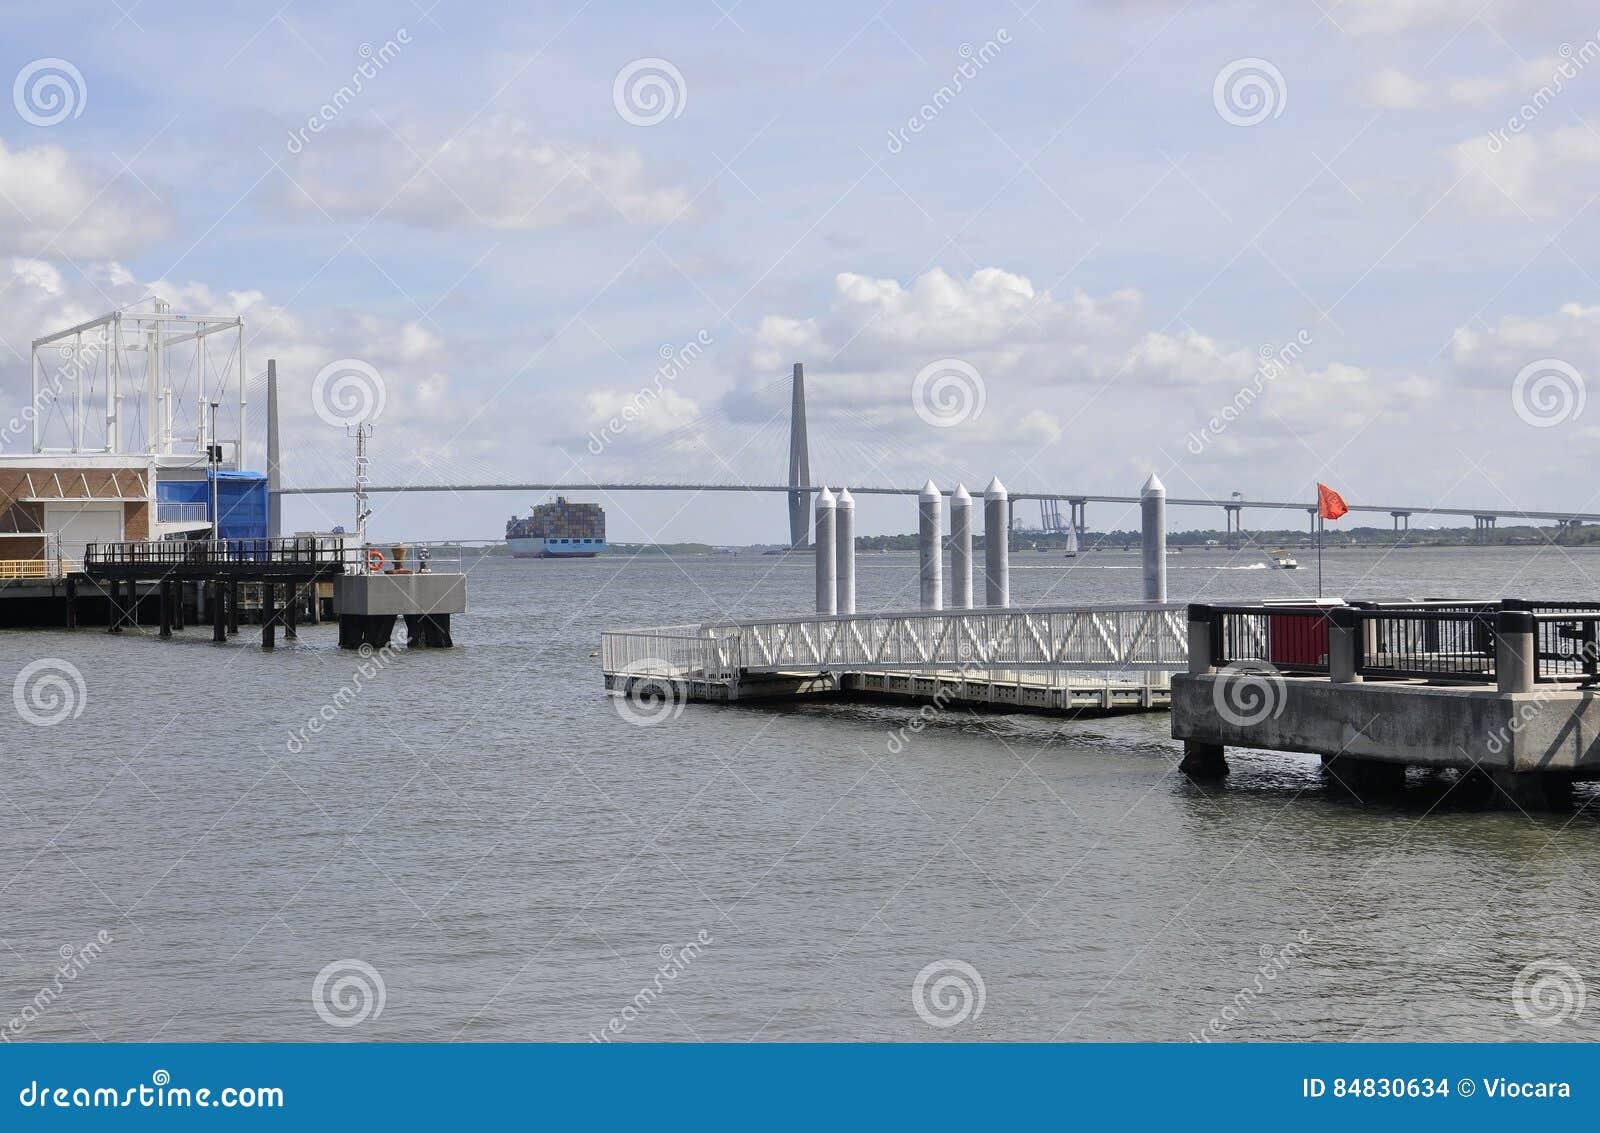 Charleston Sc, am 7. August: Kabel-Brücke über Fassbinderfluß von Charleston in South Carolina